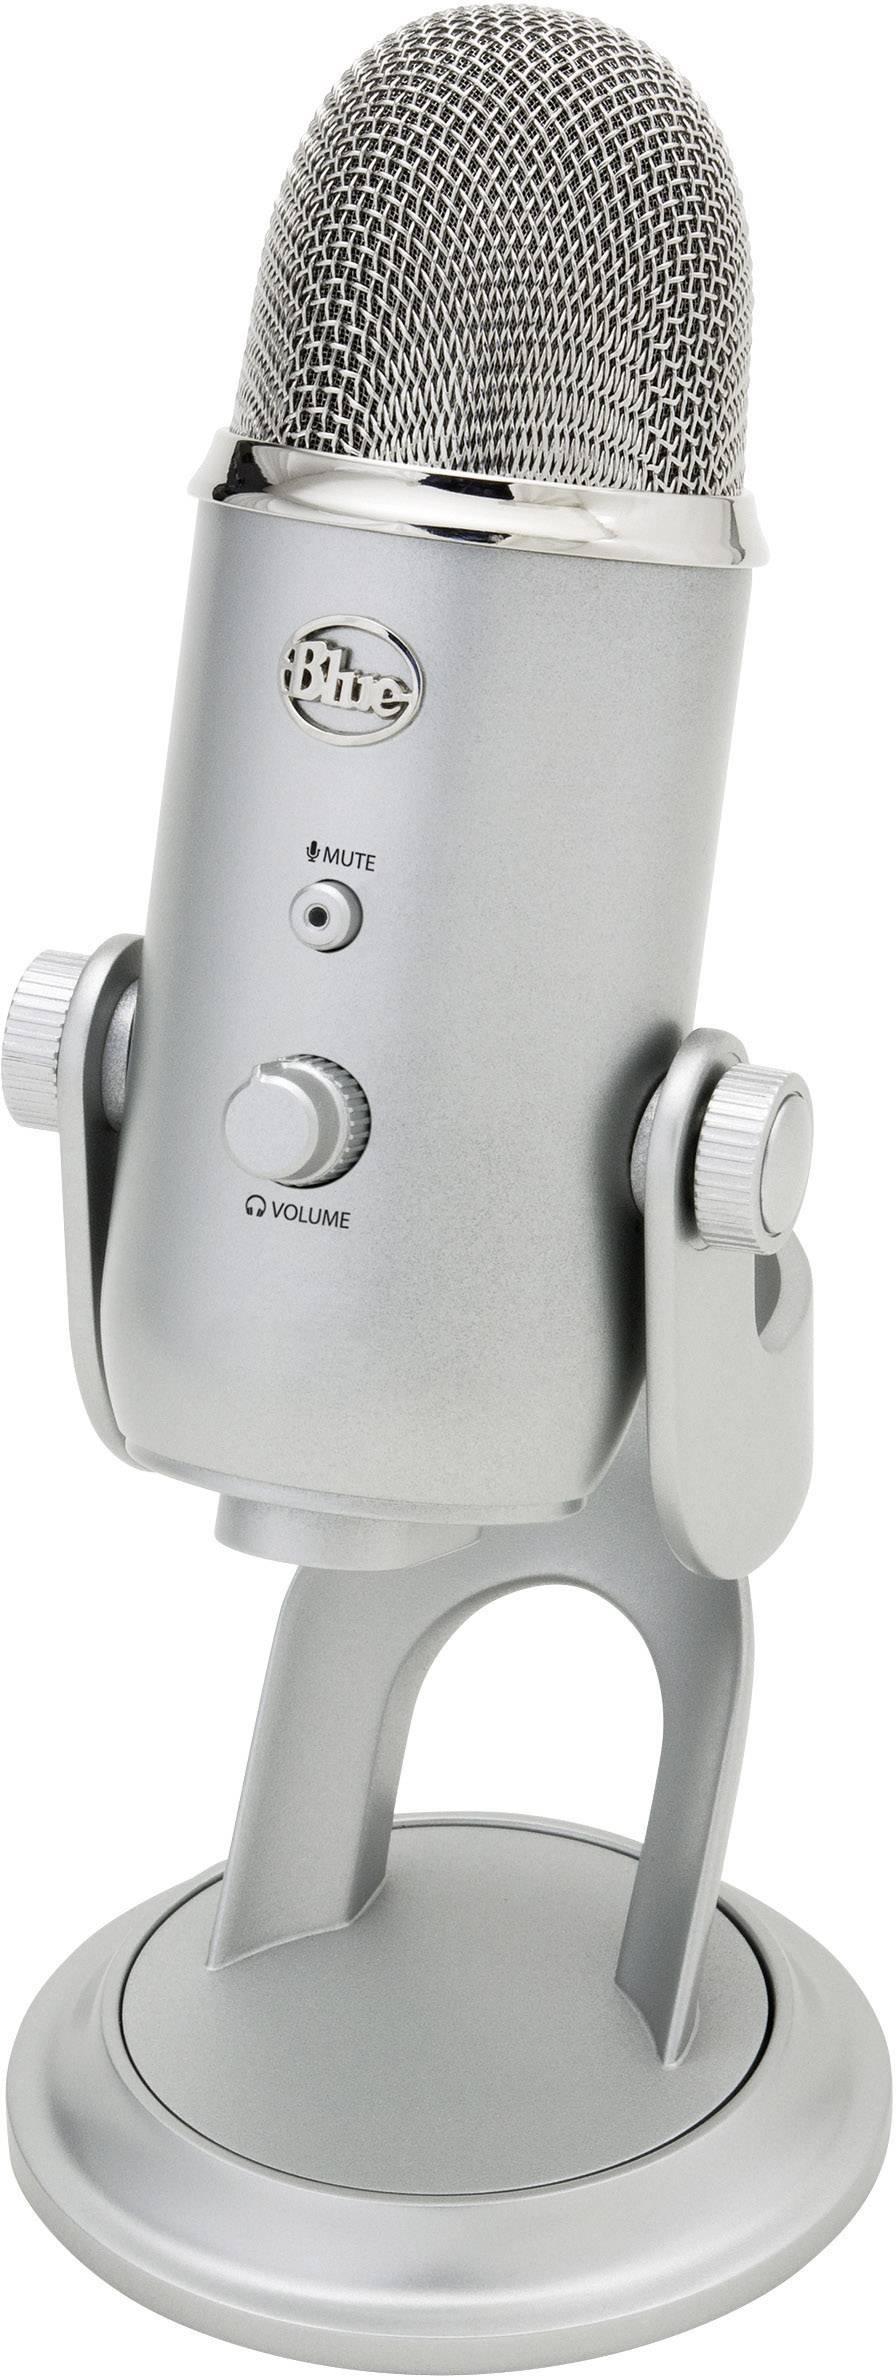 USB štúdiový mikrofón Blue Microphones Yeti USB-Mikrofón 1851, 155 x 160 x 240 mm, 20 - 20 000 Hz